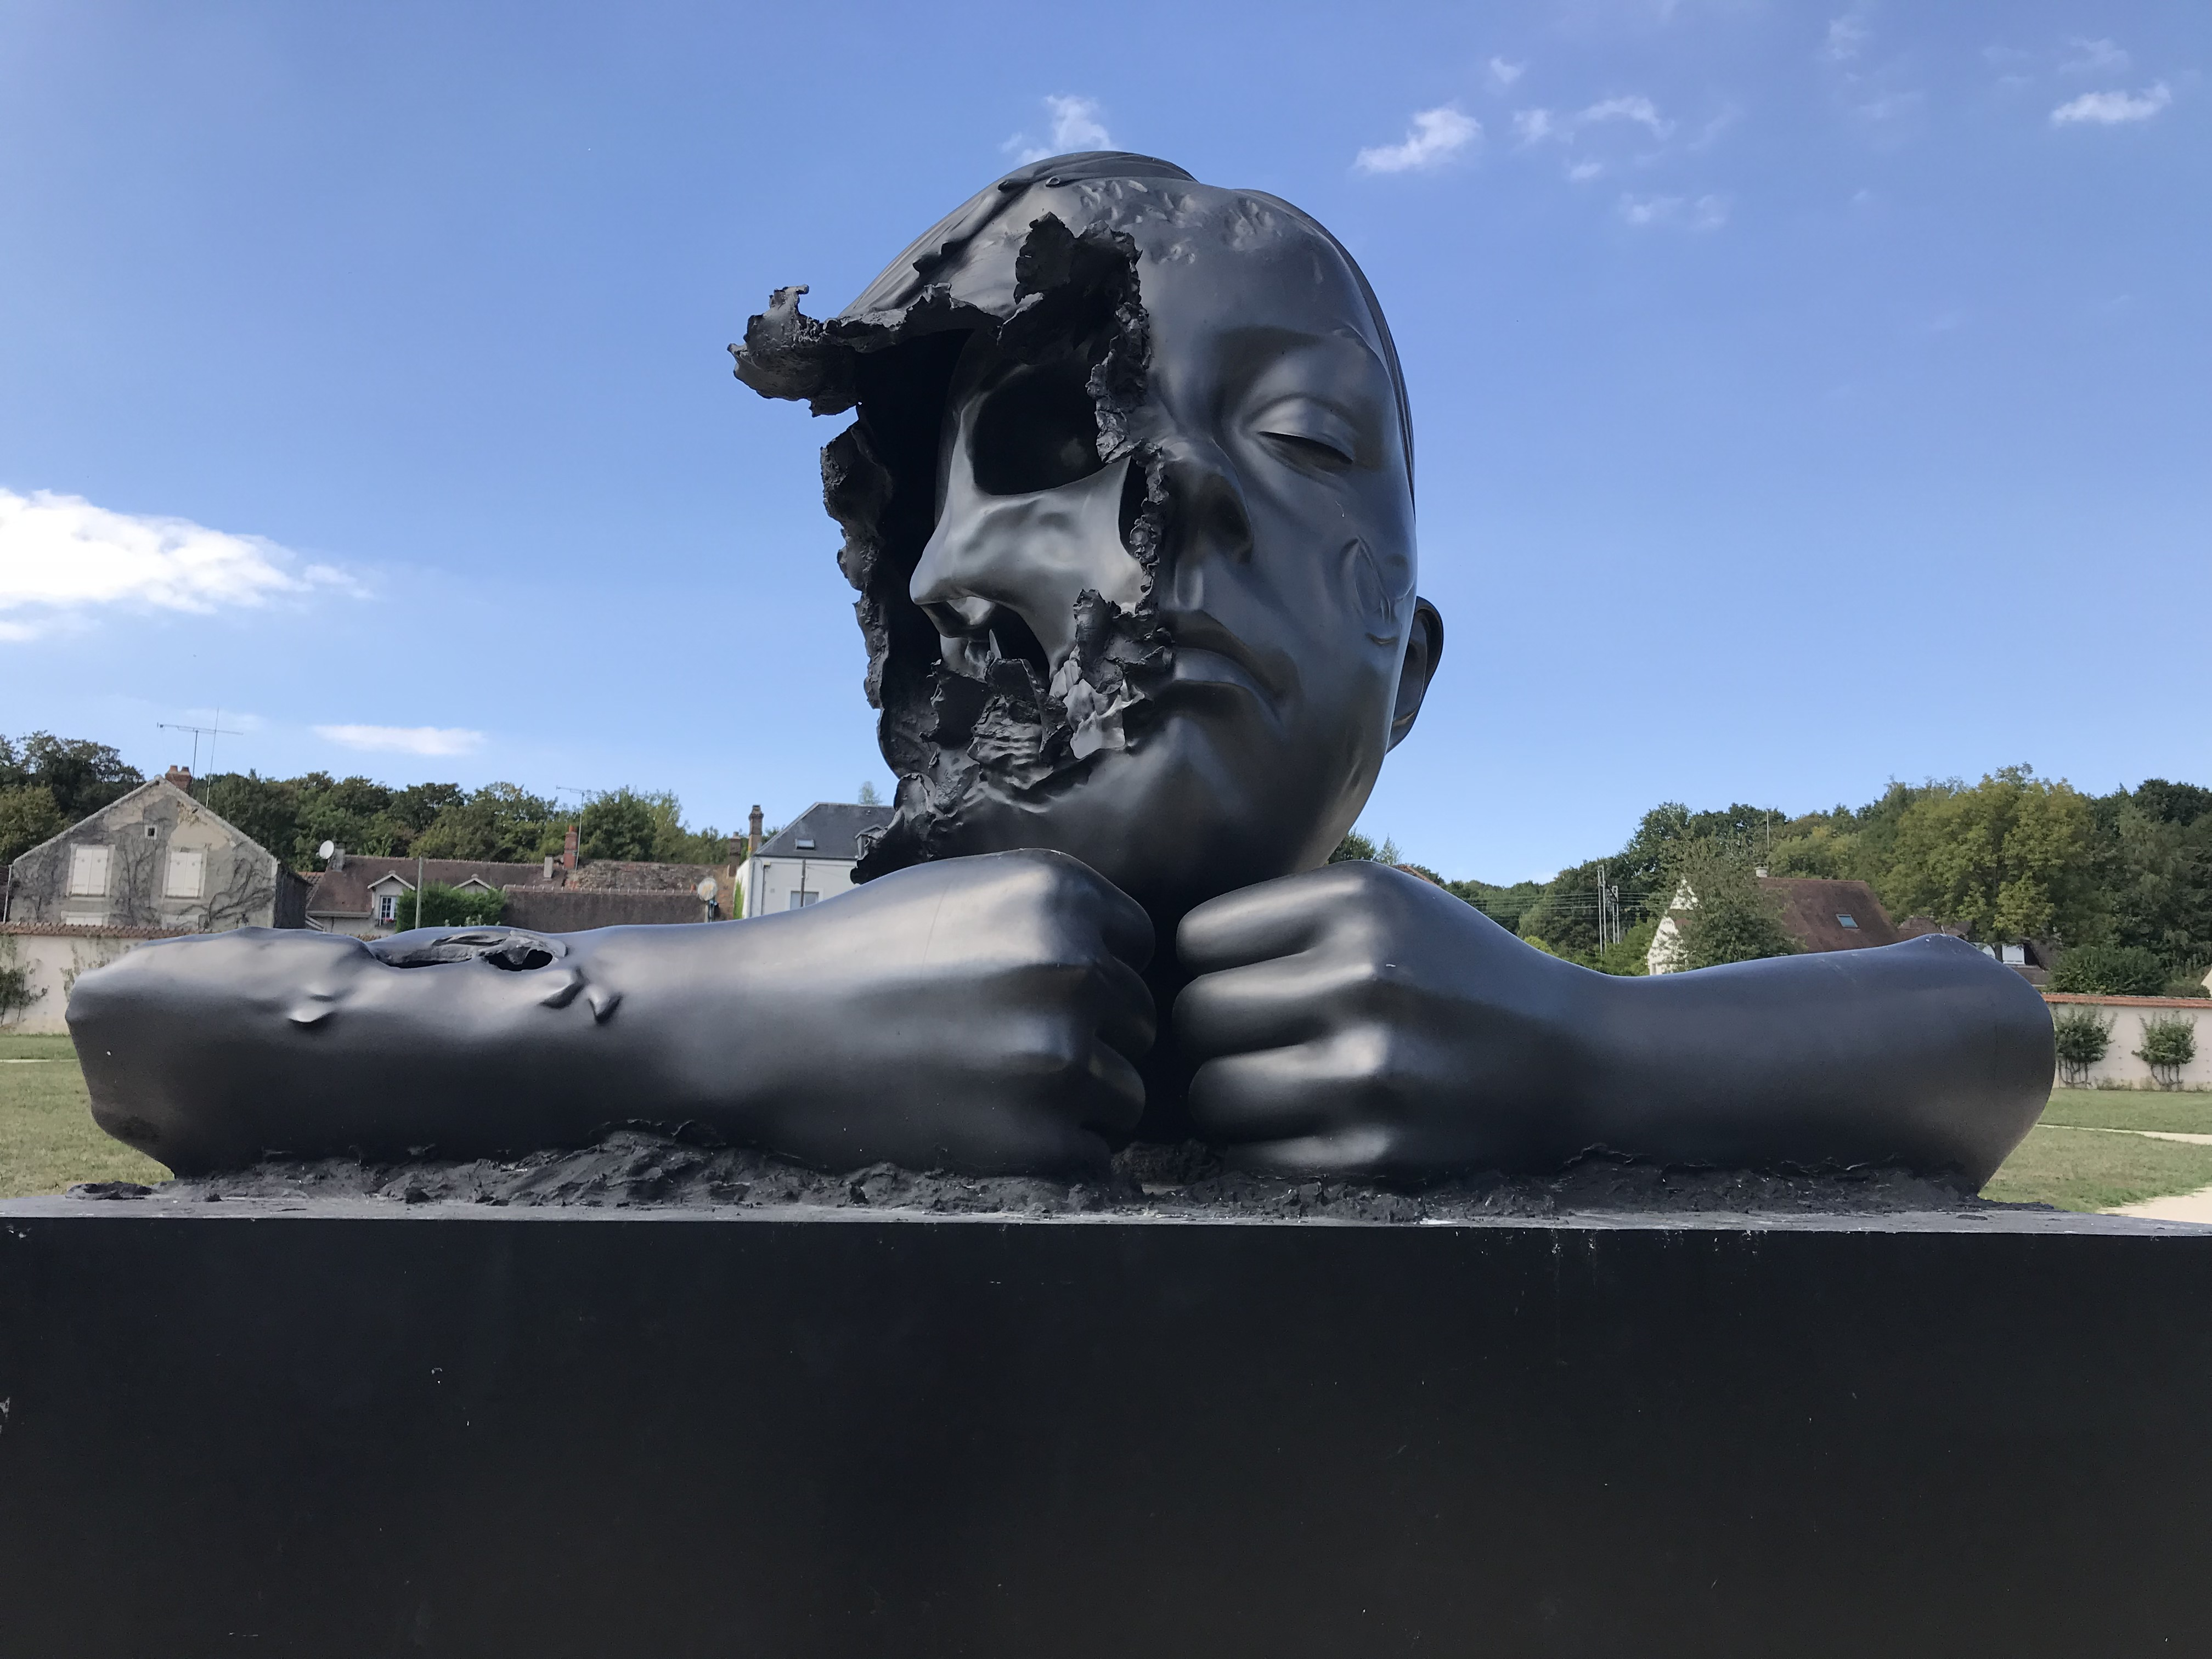 poesie-sculpture-philippe-pasqua